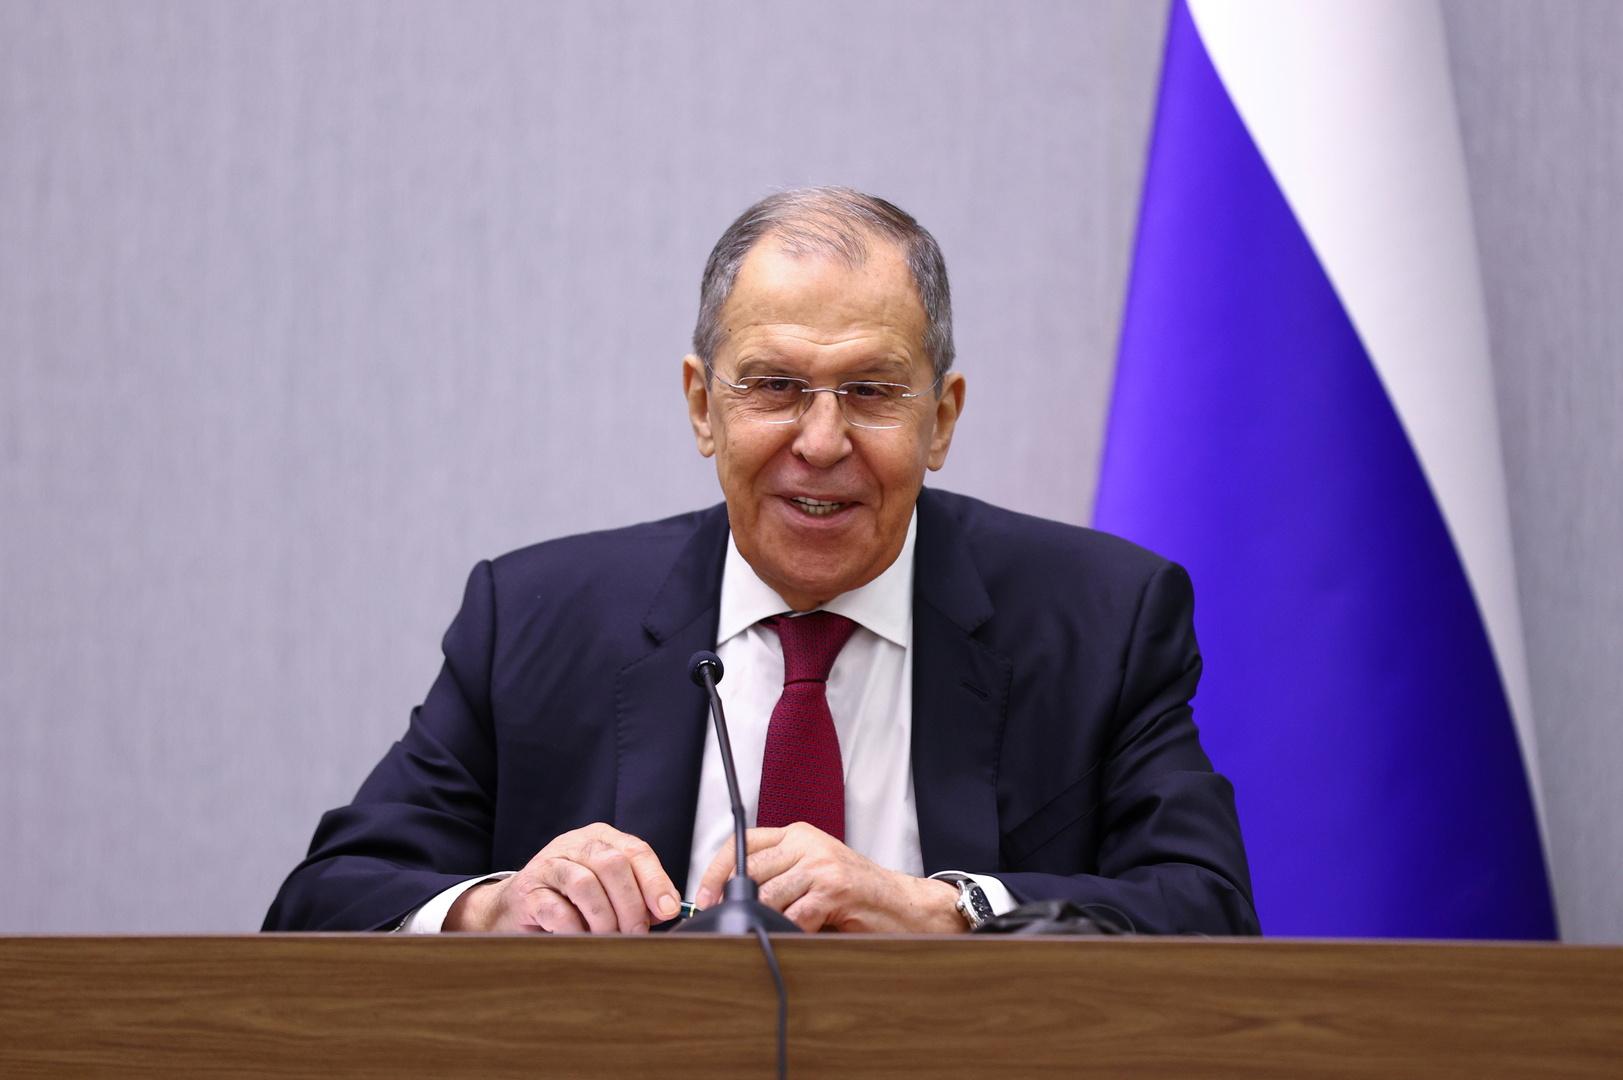 وزير الخارجية سيرغي لافروف يجمل الحصاد الدبلوماسي الروسي للعام 2020